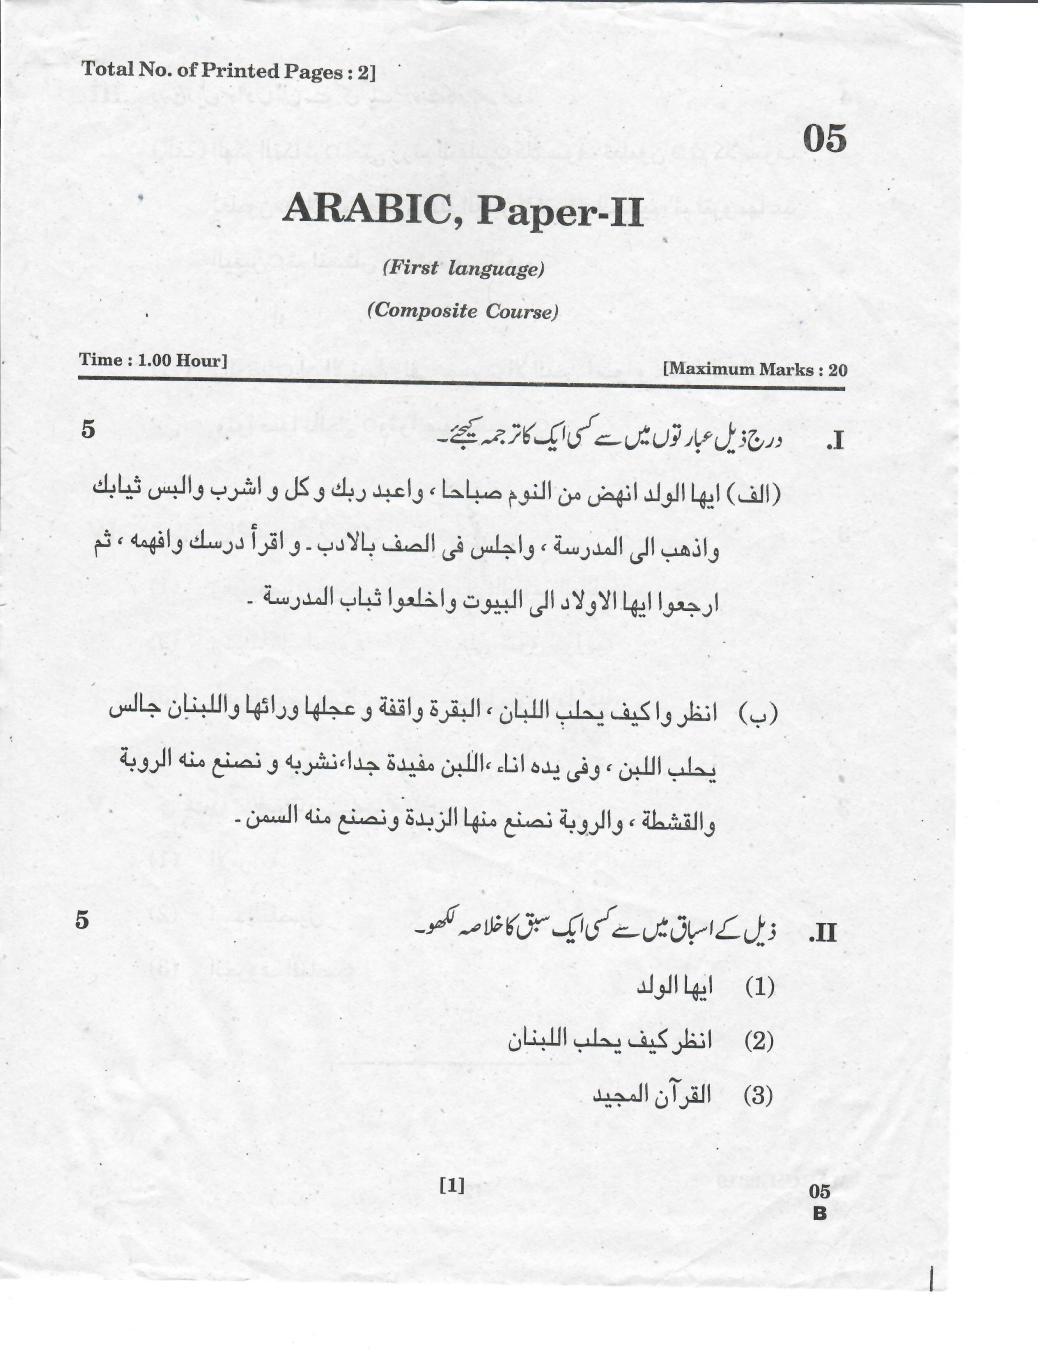 AP 10th Class Question Paper 2019 Arabic - Paper 2 (1st Language Composite) - Page 1